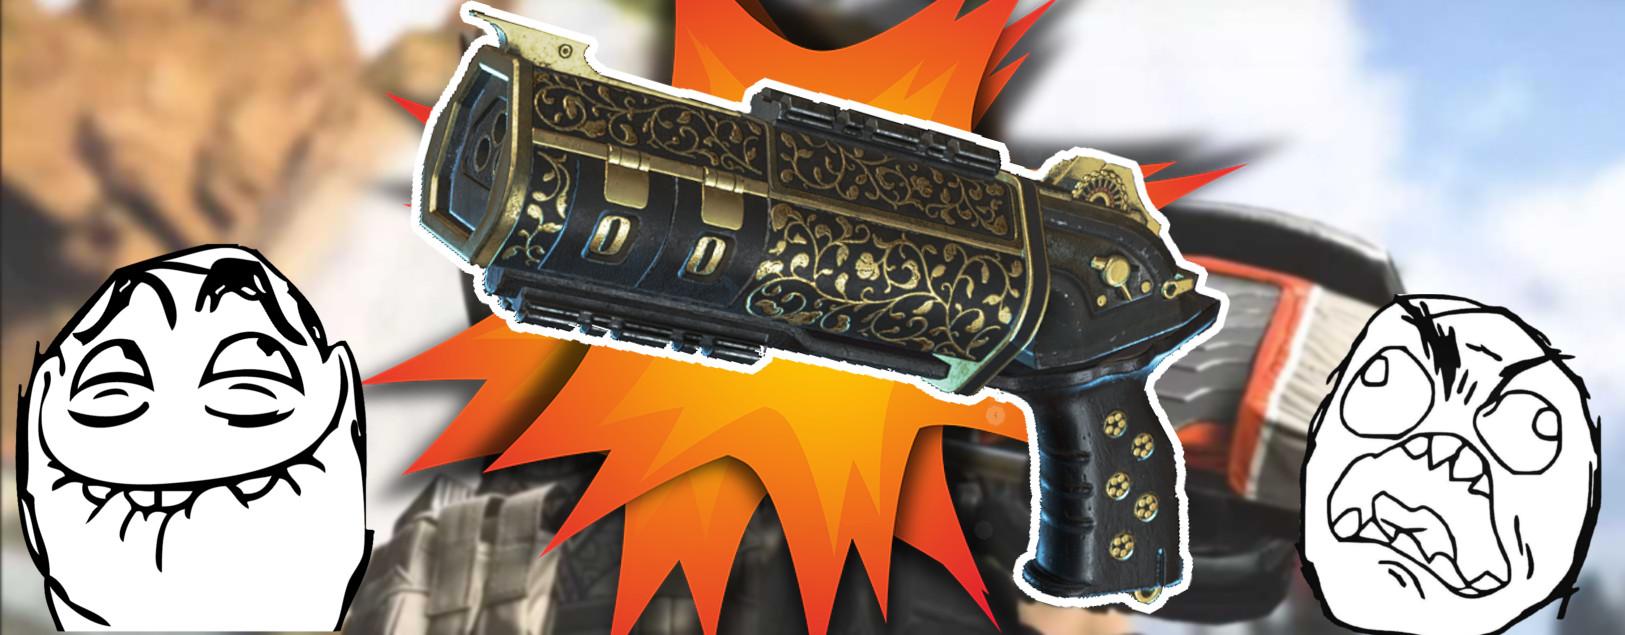 Die schlechteste Waffe in Apex Legends wird am lautesten gefeiert